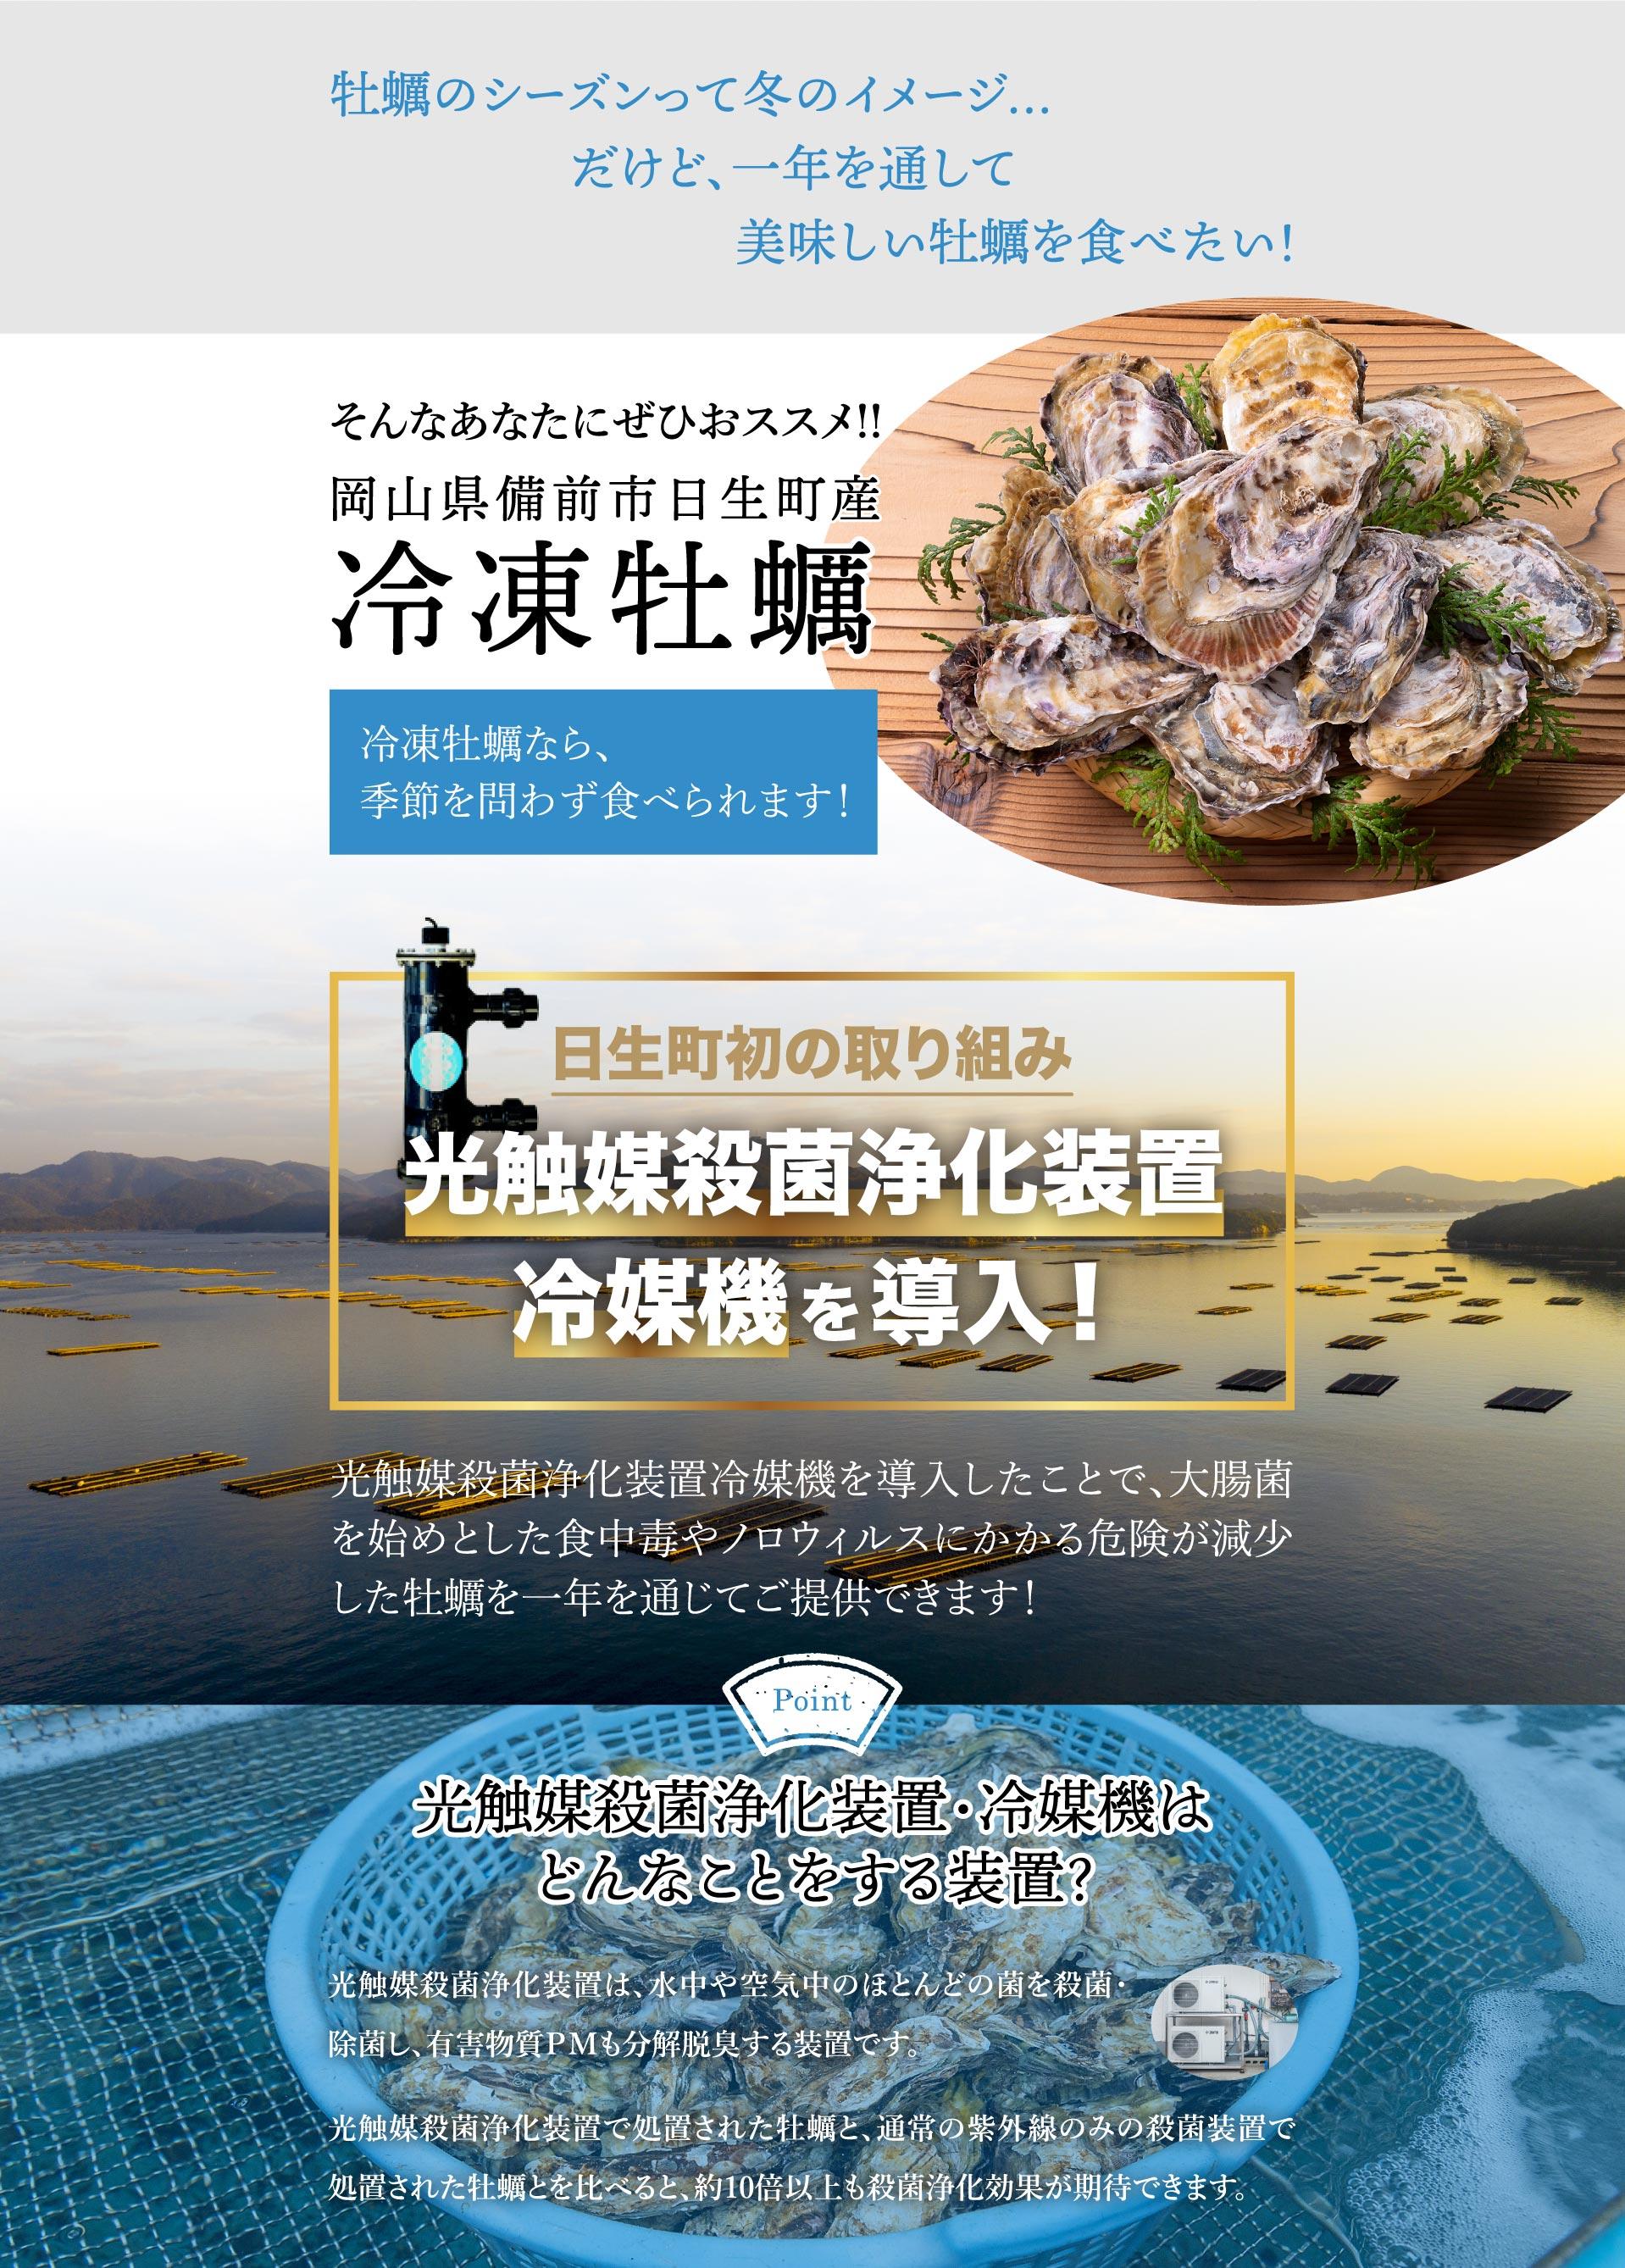 冷凍牡蠣販売・牡蠣の磯煮販売ページ3